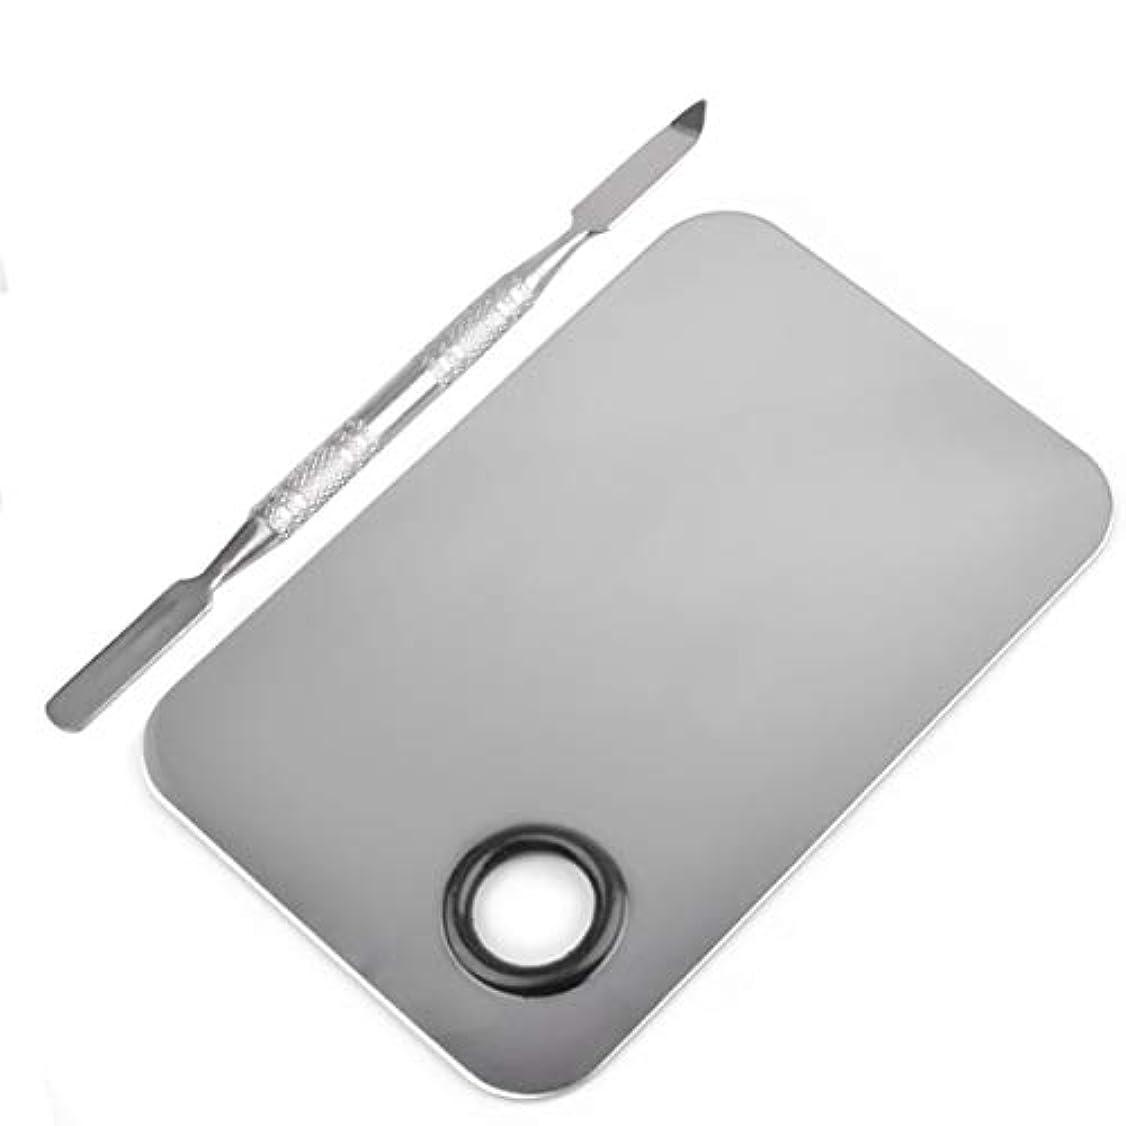 退化する貯水池長方形の形のステンレス鋼化粧品メイクアップパレットへらツールセットネイルアート機器ツールキット美容ツール(シルバー)